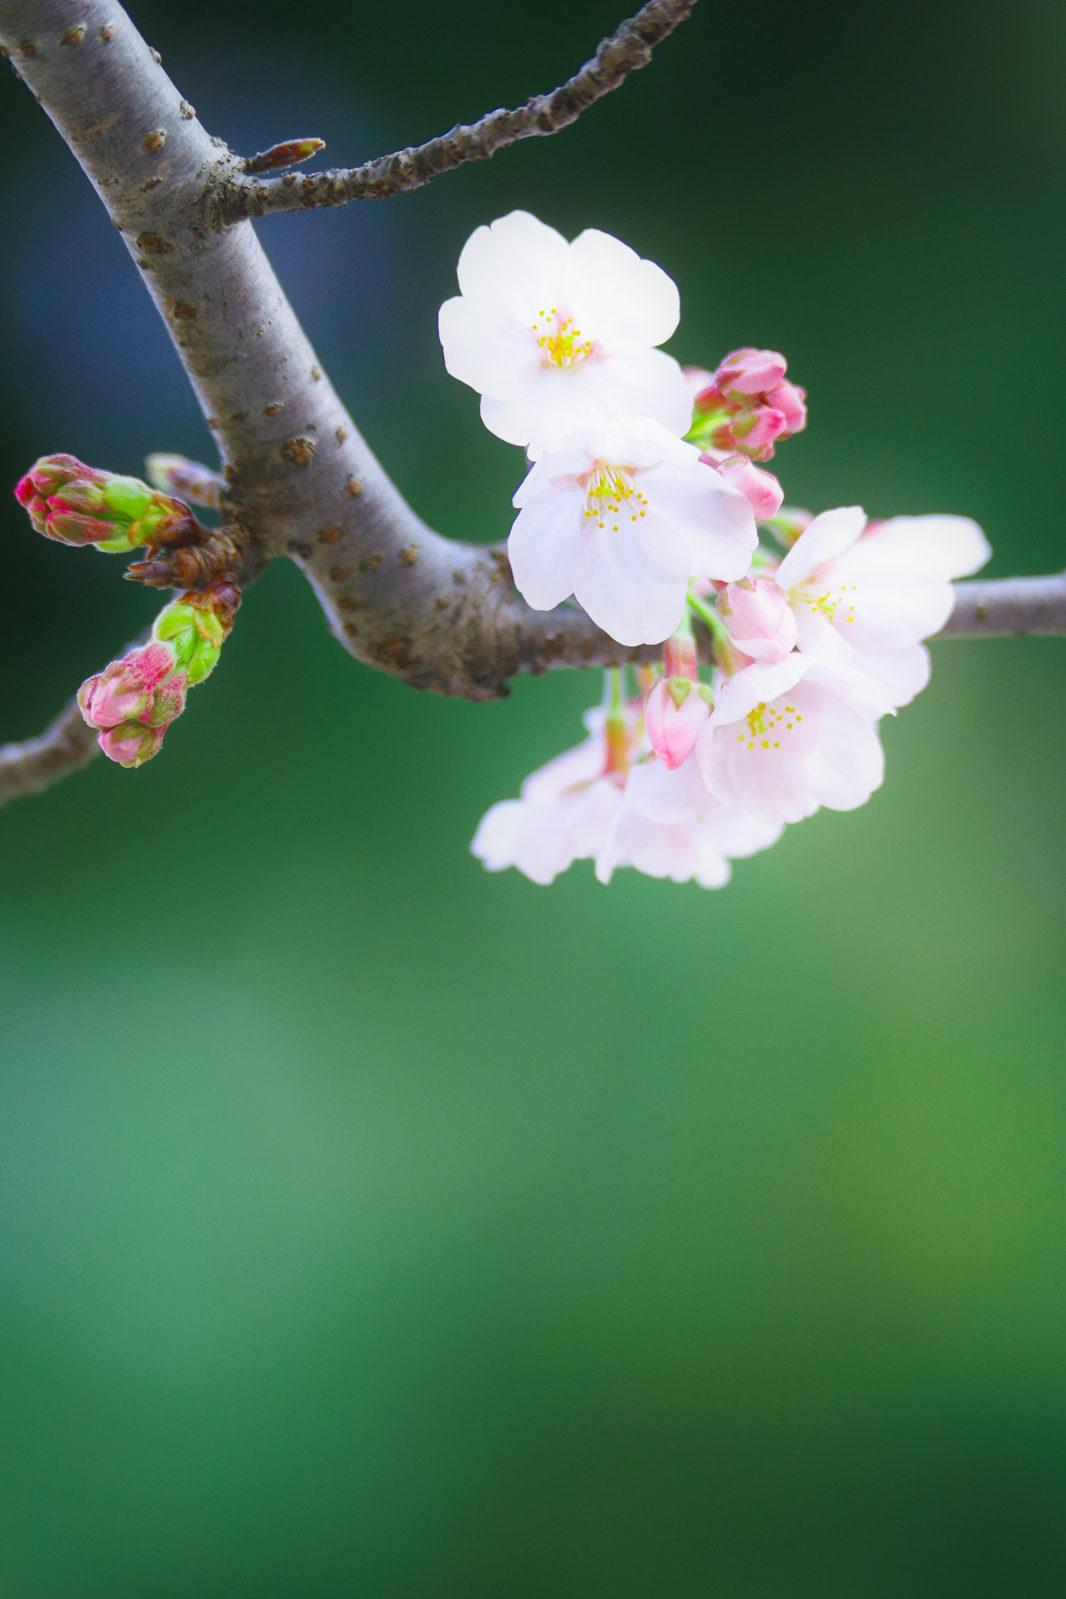 浜松城の桜 | PENTAX K-1&D FA★70-200mm